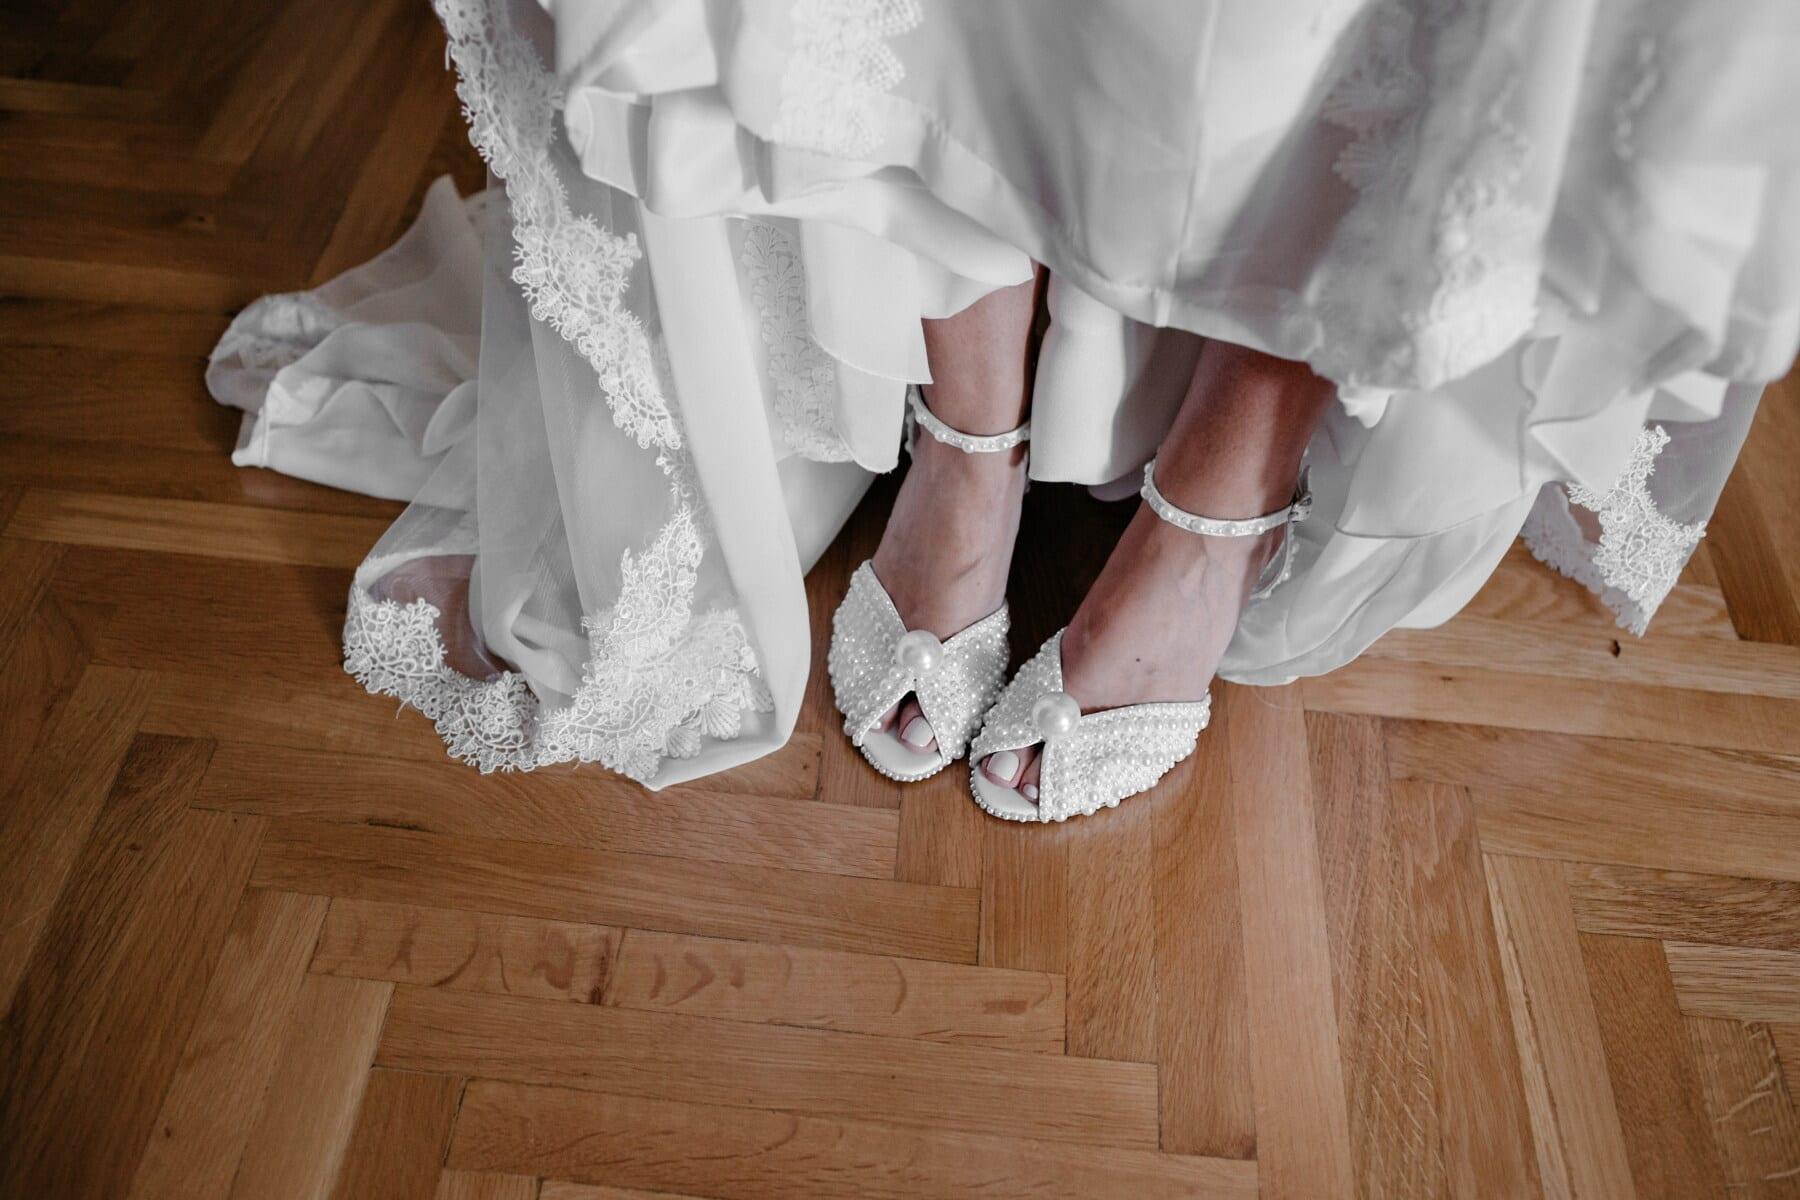 robe de mariée, perle, mariage, chaussures, sandale, blanc, luxe, élégance, mode, la mariée